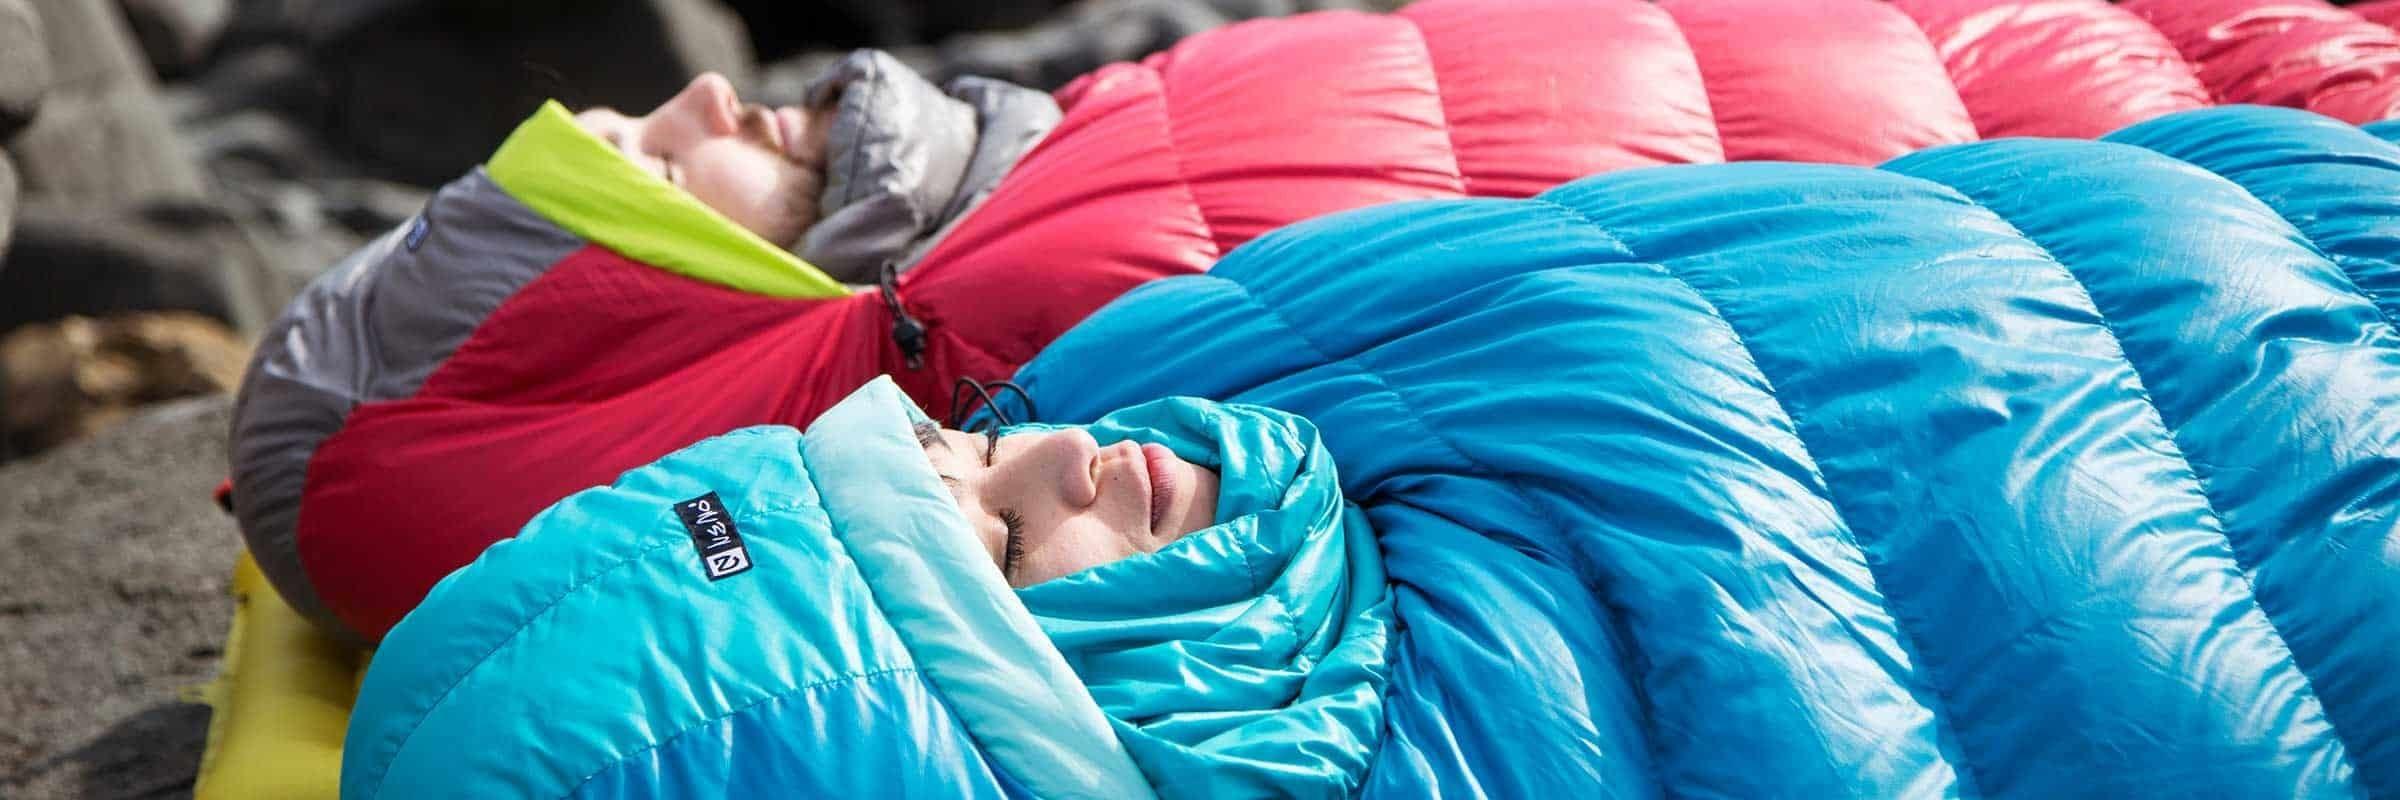 Comment choisir le bon sac de couchage